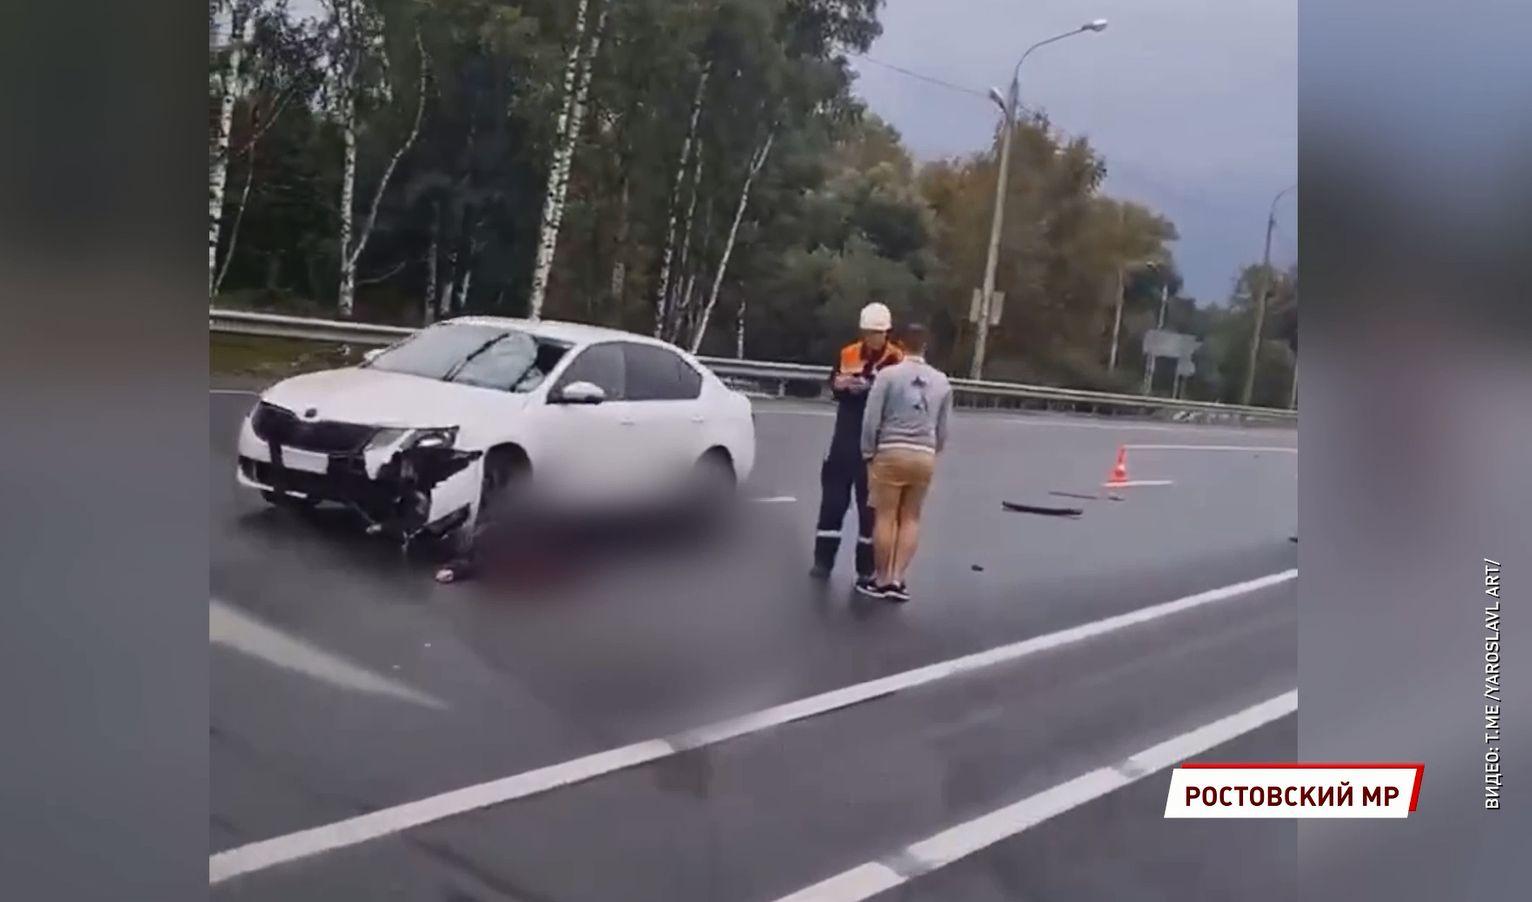 В Ярославской области мужчина на электросамокате выехал на федеральную трассу и погиб